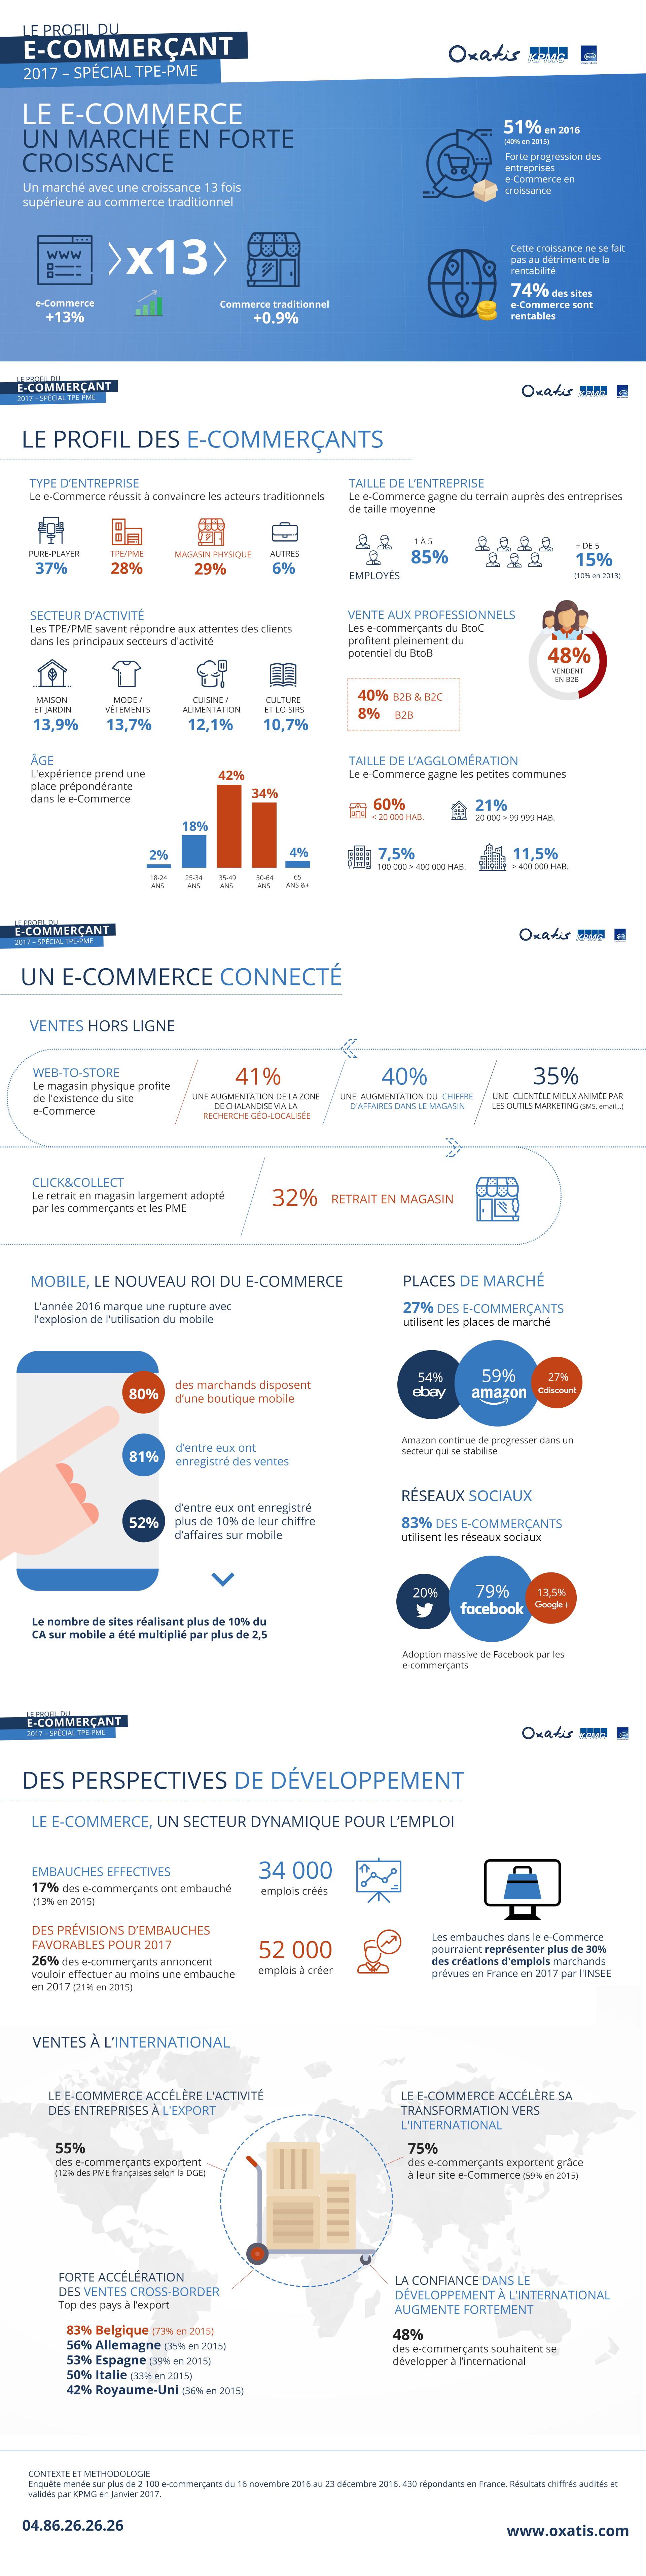 Profil e-commerçant 2017